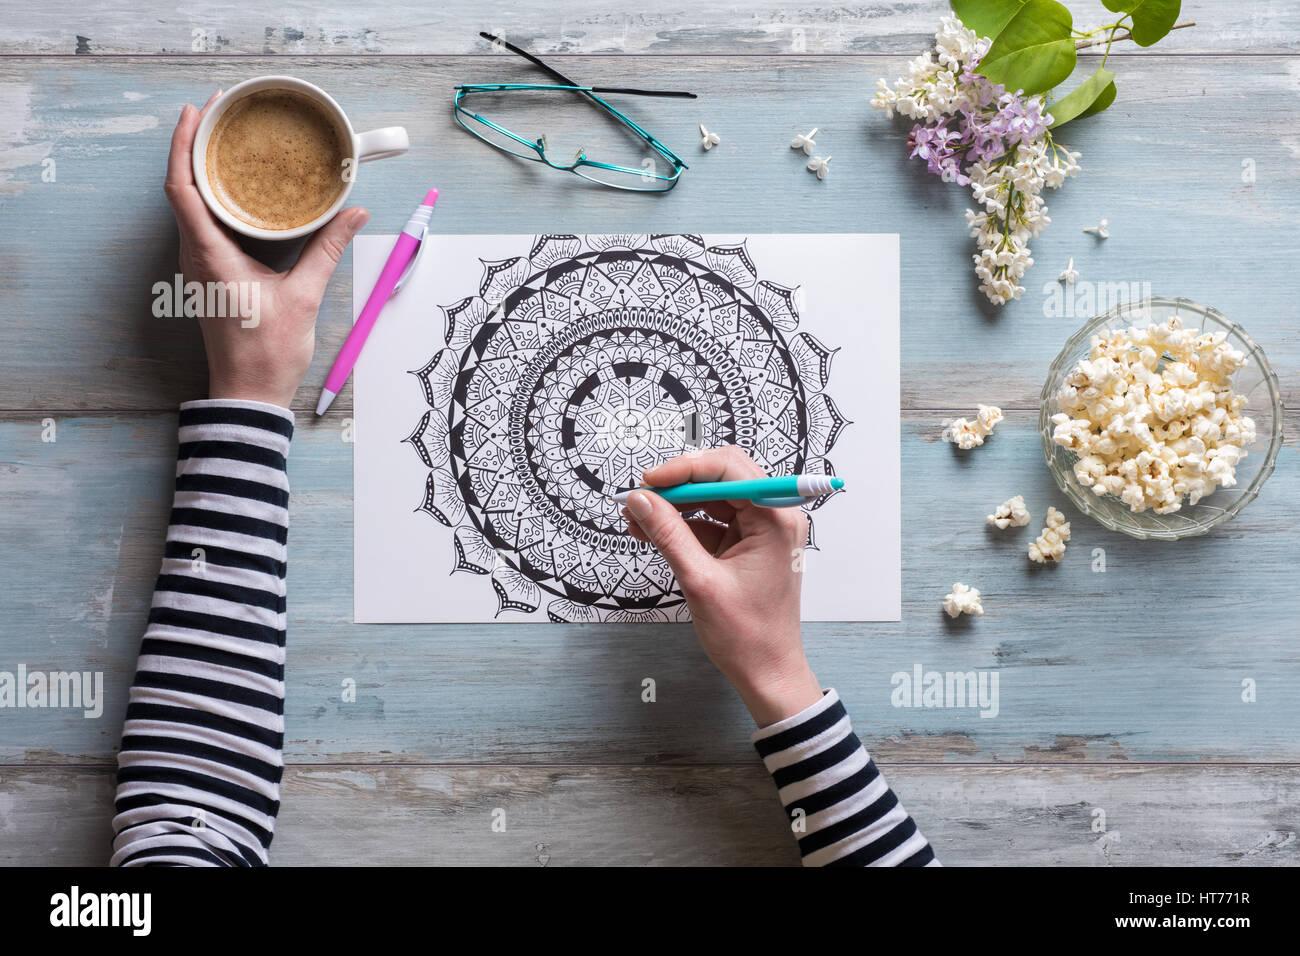 Lay, plana hembra adulta colorear libros para colorear, nueva tendencia alivio del estrés Imagen De Stock